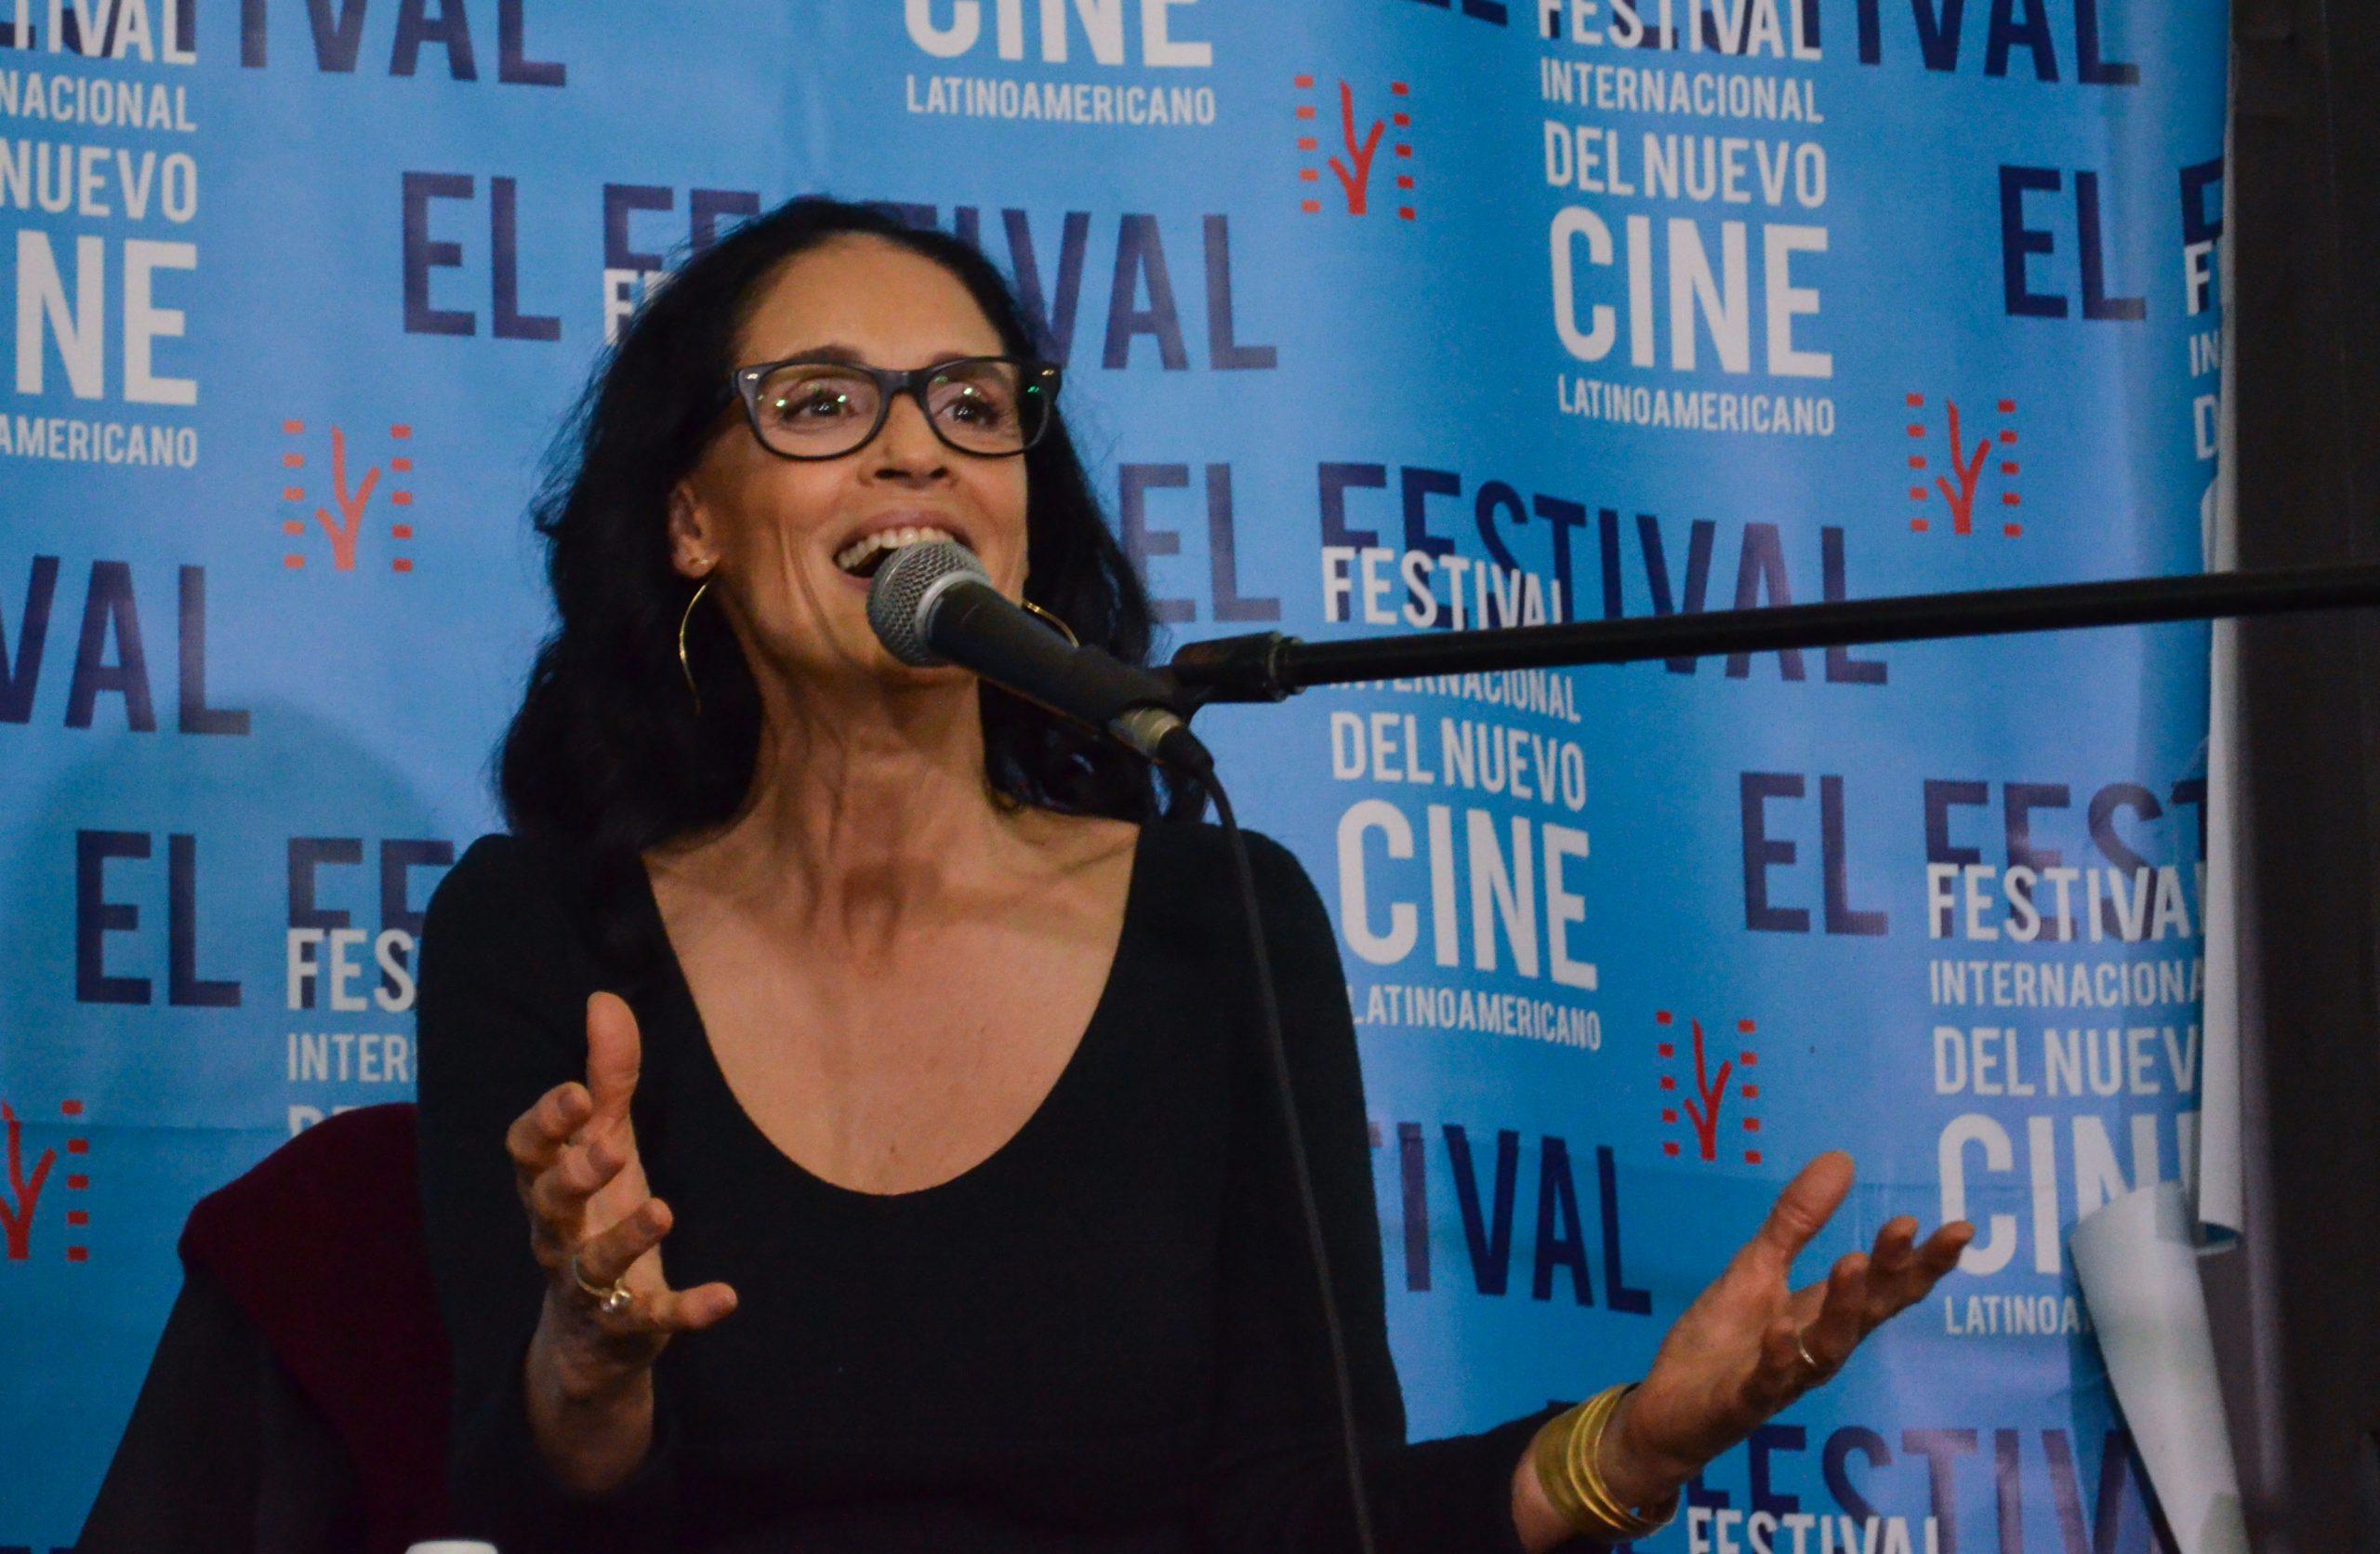 actriz brasileña Sônia Braga en el Festival del Nuevo Cine Latinoamericano